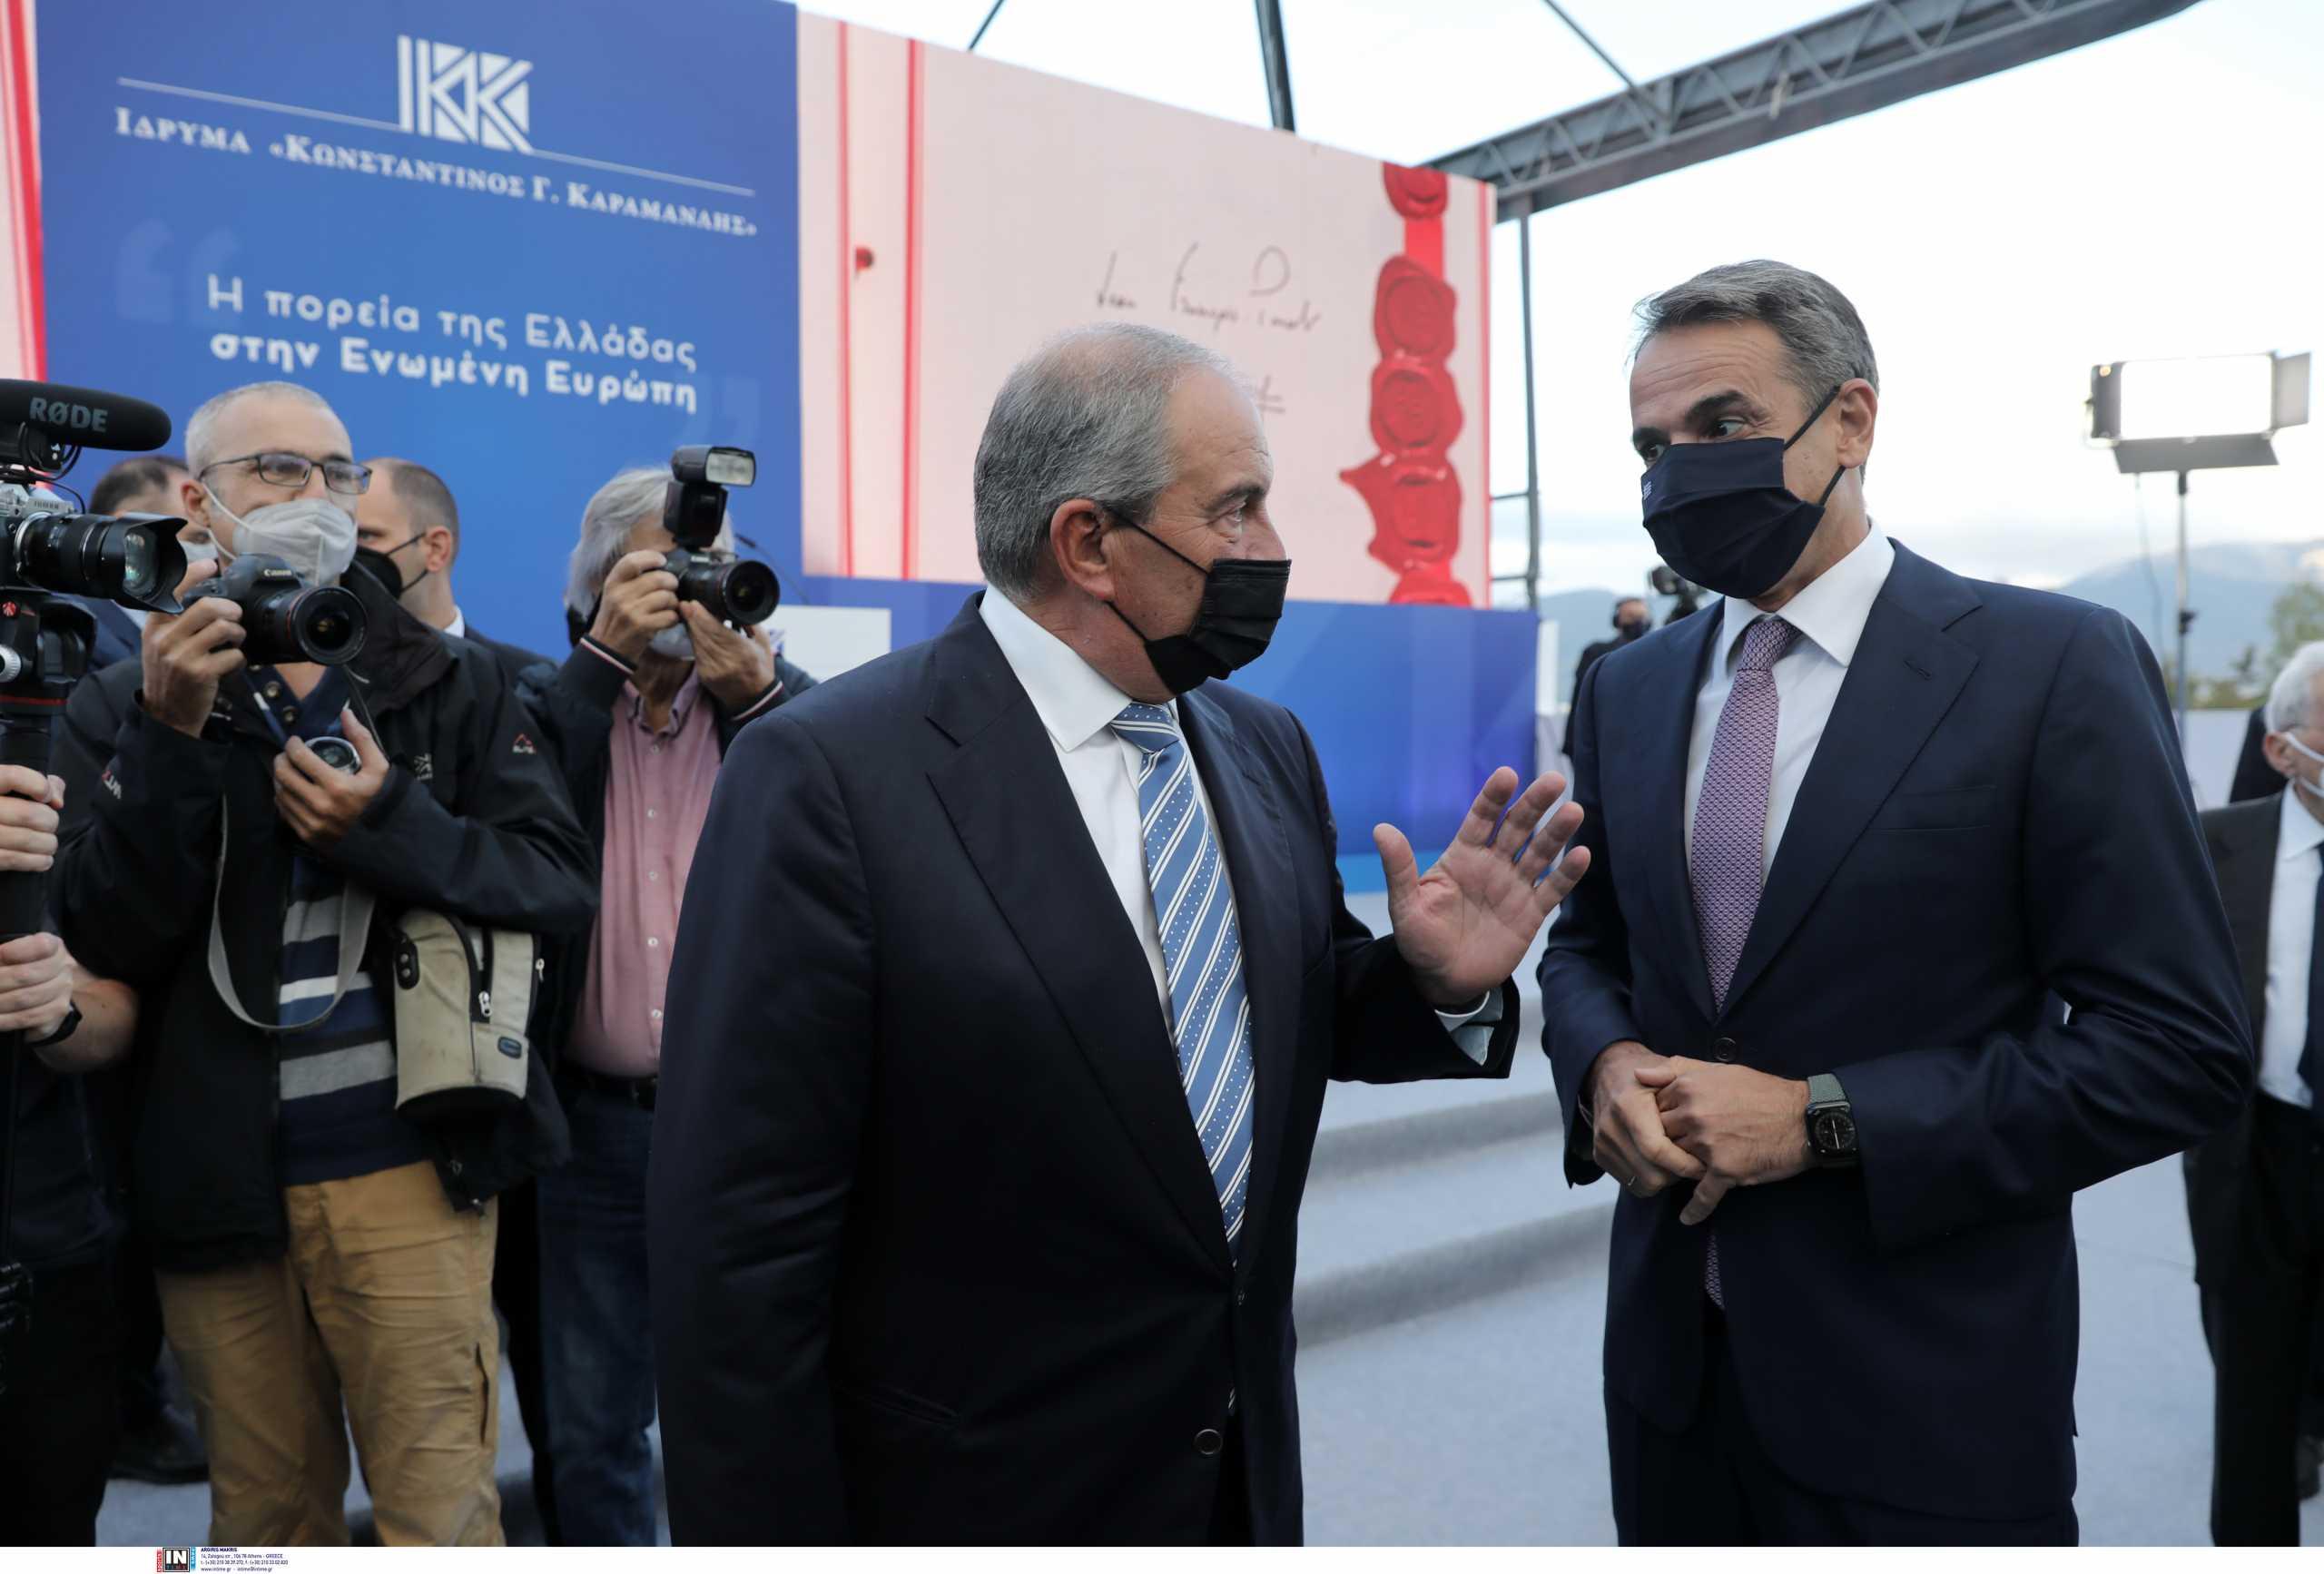 Κυριάκος Μητσοτάκης και Κώστας Καραμανλής στην εκδήλωση για τα 47 χρόνια από την ίδρυση της ΝΔ